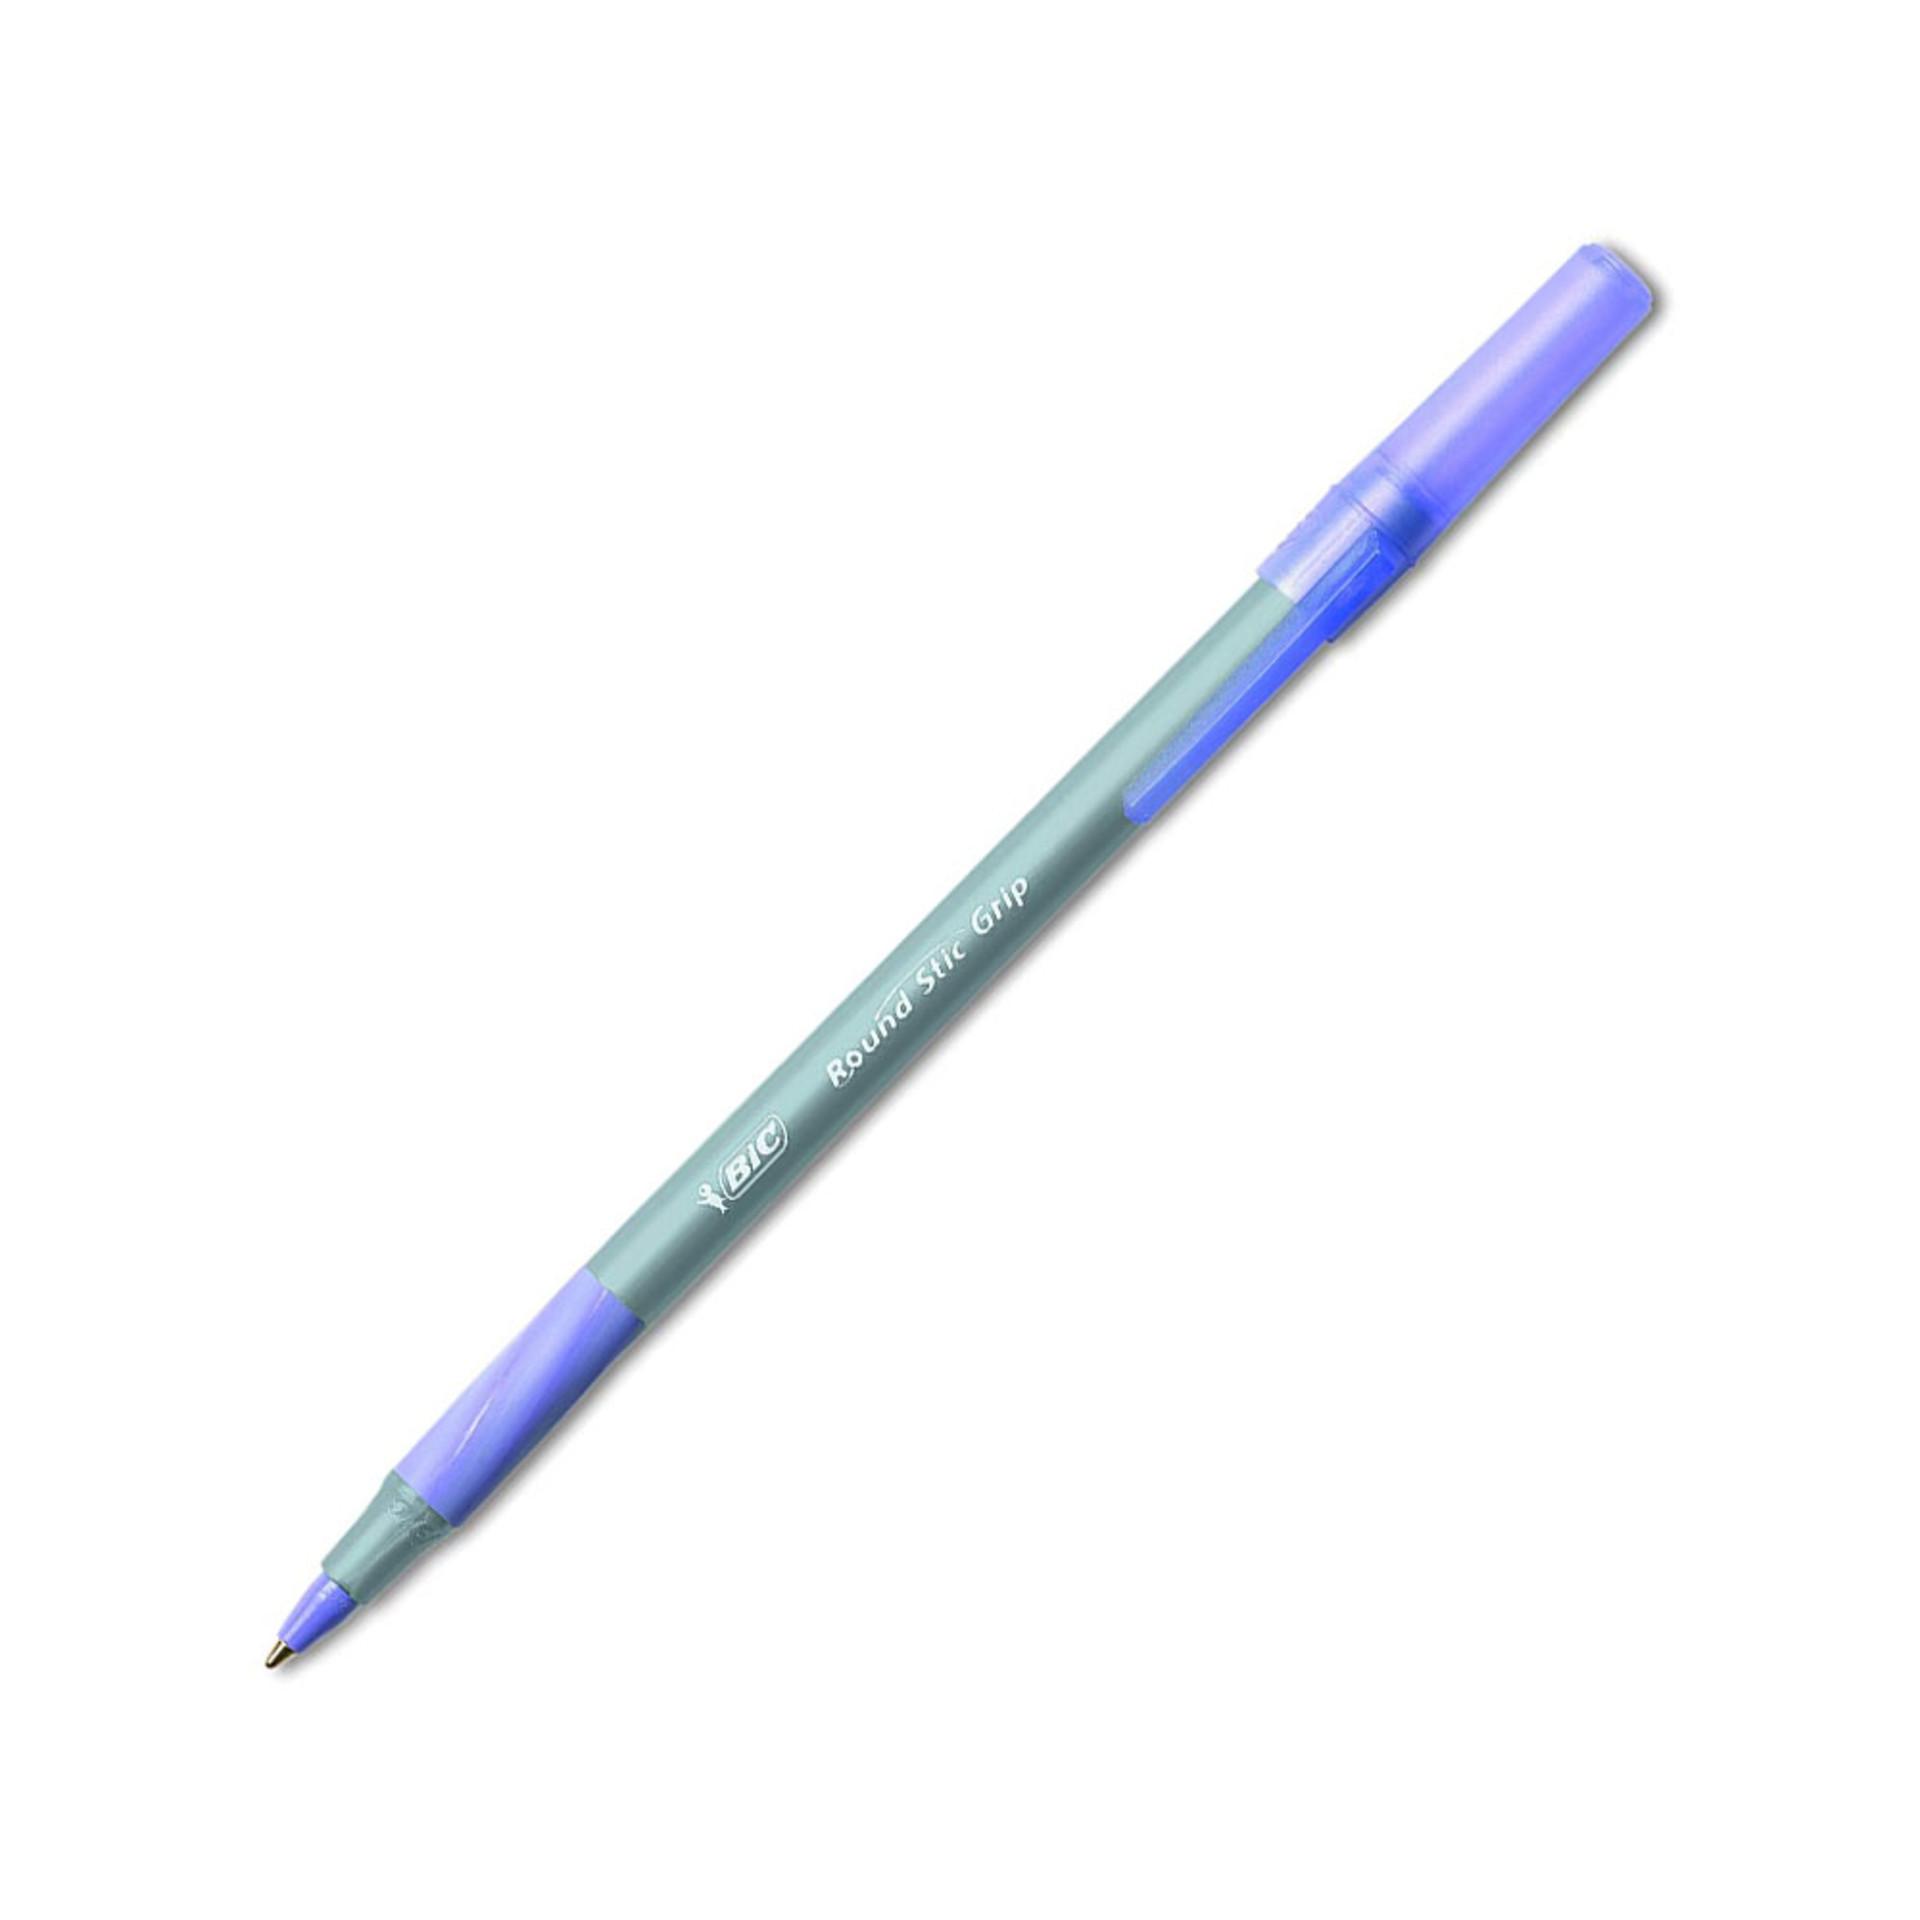 Bic Round Stic Grip Medium Point 1.2mm Ballpoint Pen – Purple